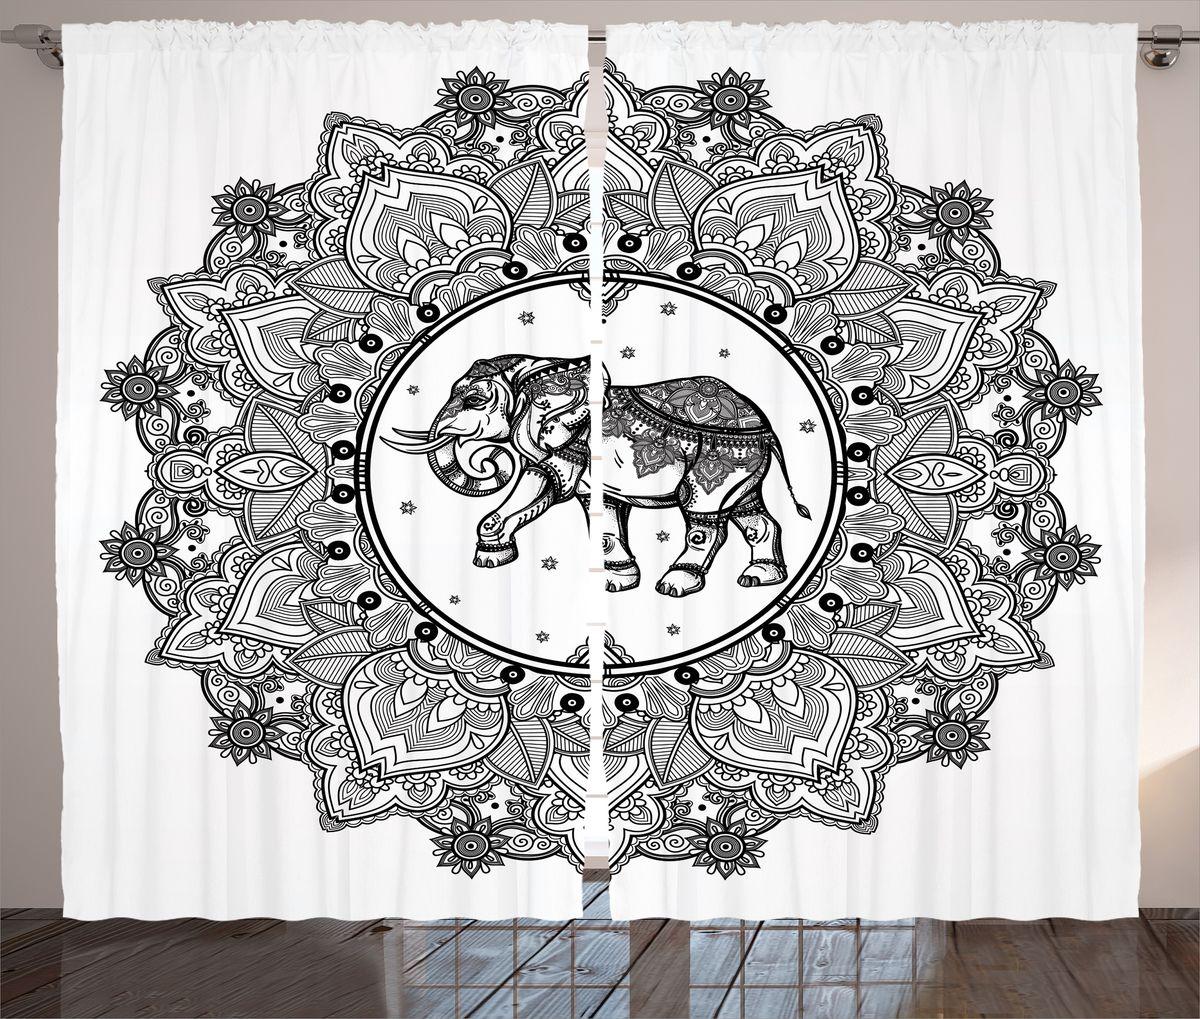 Комплект фотоштор Magic Lady, на ленте, высота 265 см. шсг_16086шсг_1612Компания Сэмболь изготавливает шторы из высококачественного сатена (полиэстер 100%). При изготовлении используются специальные гипоаллергенные чернила для прямой печати по ткани, безопасные для человека и животных. Экологичность продукции Magic lady и безопасность для окружающей среды подтверждены сертификатом Oeko-Tex Standard 100. Крепление: крючки для крепления на шторной ленте (50 шт). Возможно крепление на трубу. Внимание! При нанесении сублимационной печати на ткань технологическим методом при температуре 240°С, возможно отклонение полученных размеров (указанных на этикетке и сайте) от стандартных на + - 3-5 см. Производитель старается максимально точно передать цвета изделия на фотографиях, однако искажения неизбежны и фактический цвет изделия может отличаться от воспринимаемого по фото. Обратите внимание! Шторы изготовлены из полиэстра сатенового переплетения, а не из сатина (хлопок). Размер одного полотна шторы: 145х265 см. В комплекте 2 полотна шторы и 50 крючков.